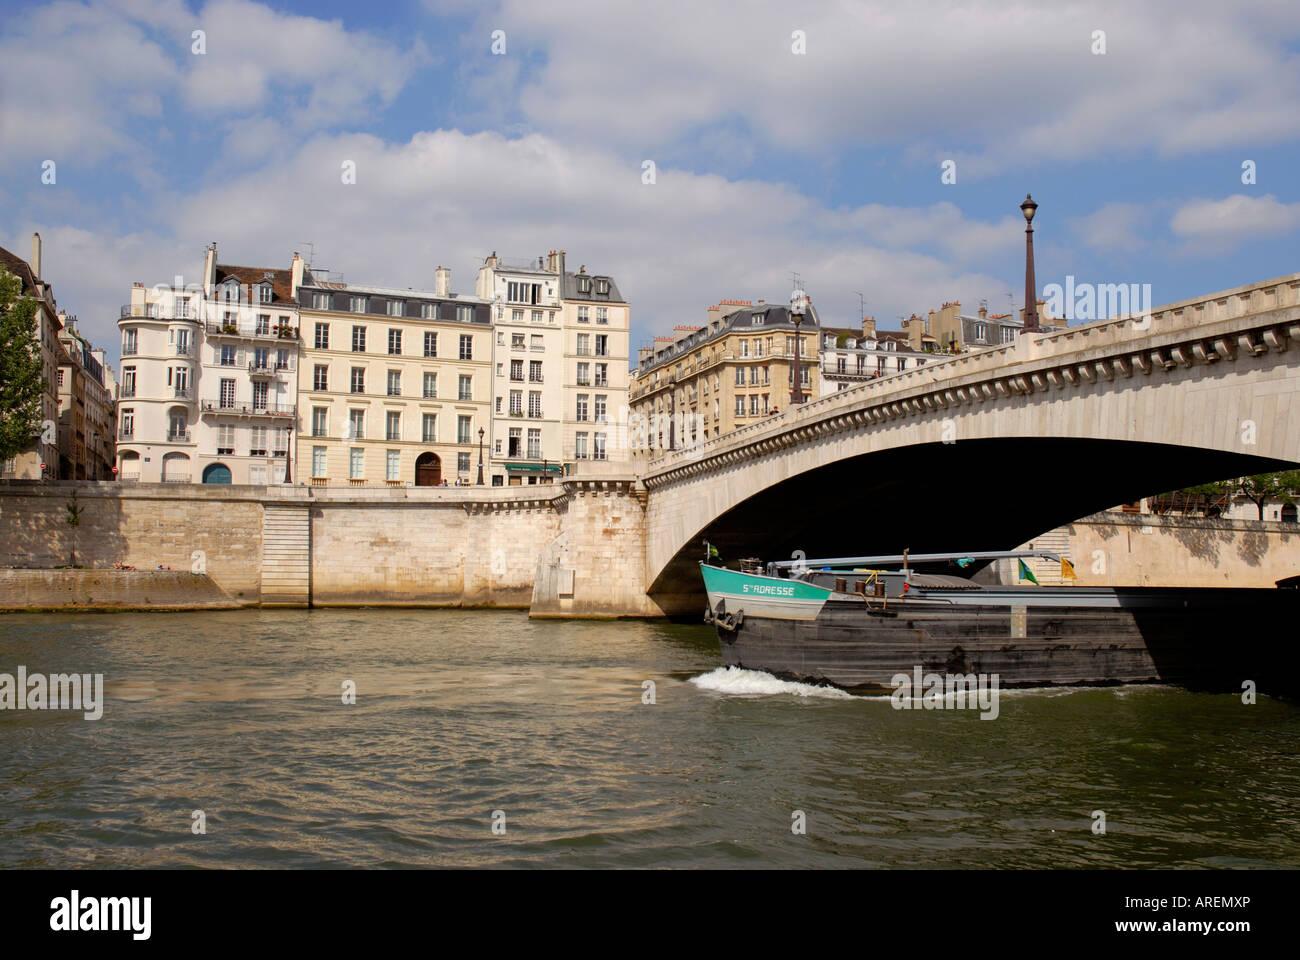 Ile Saint Louis island Seine river Pont de la Tournelle bridge Old Paris France - Stock Image